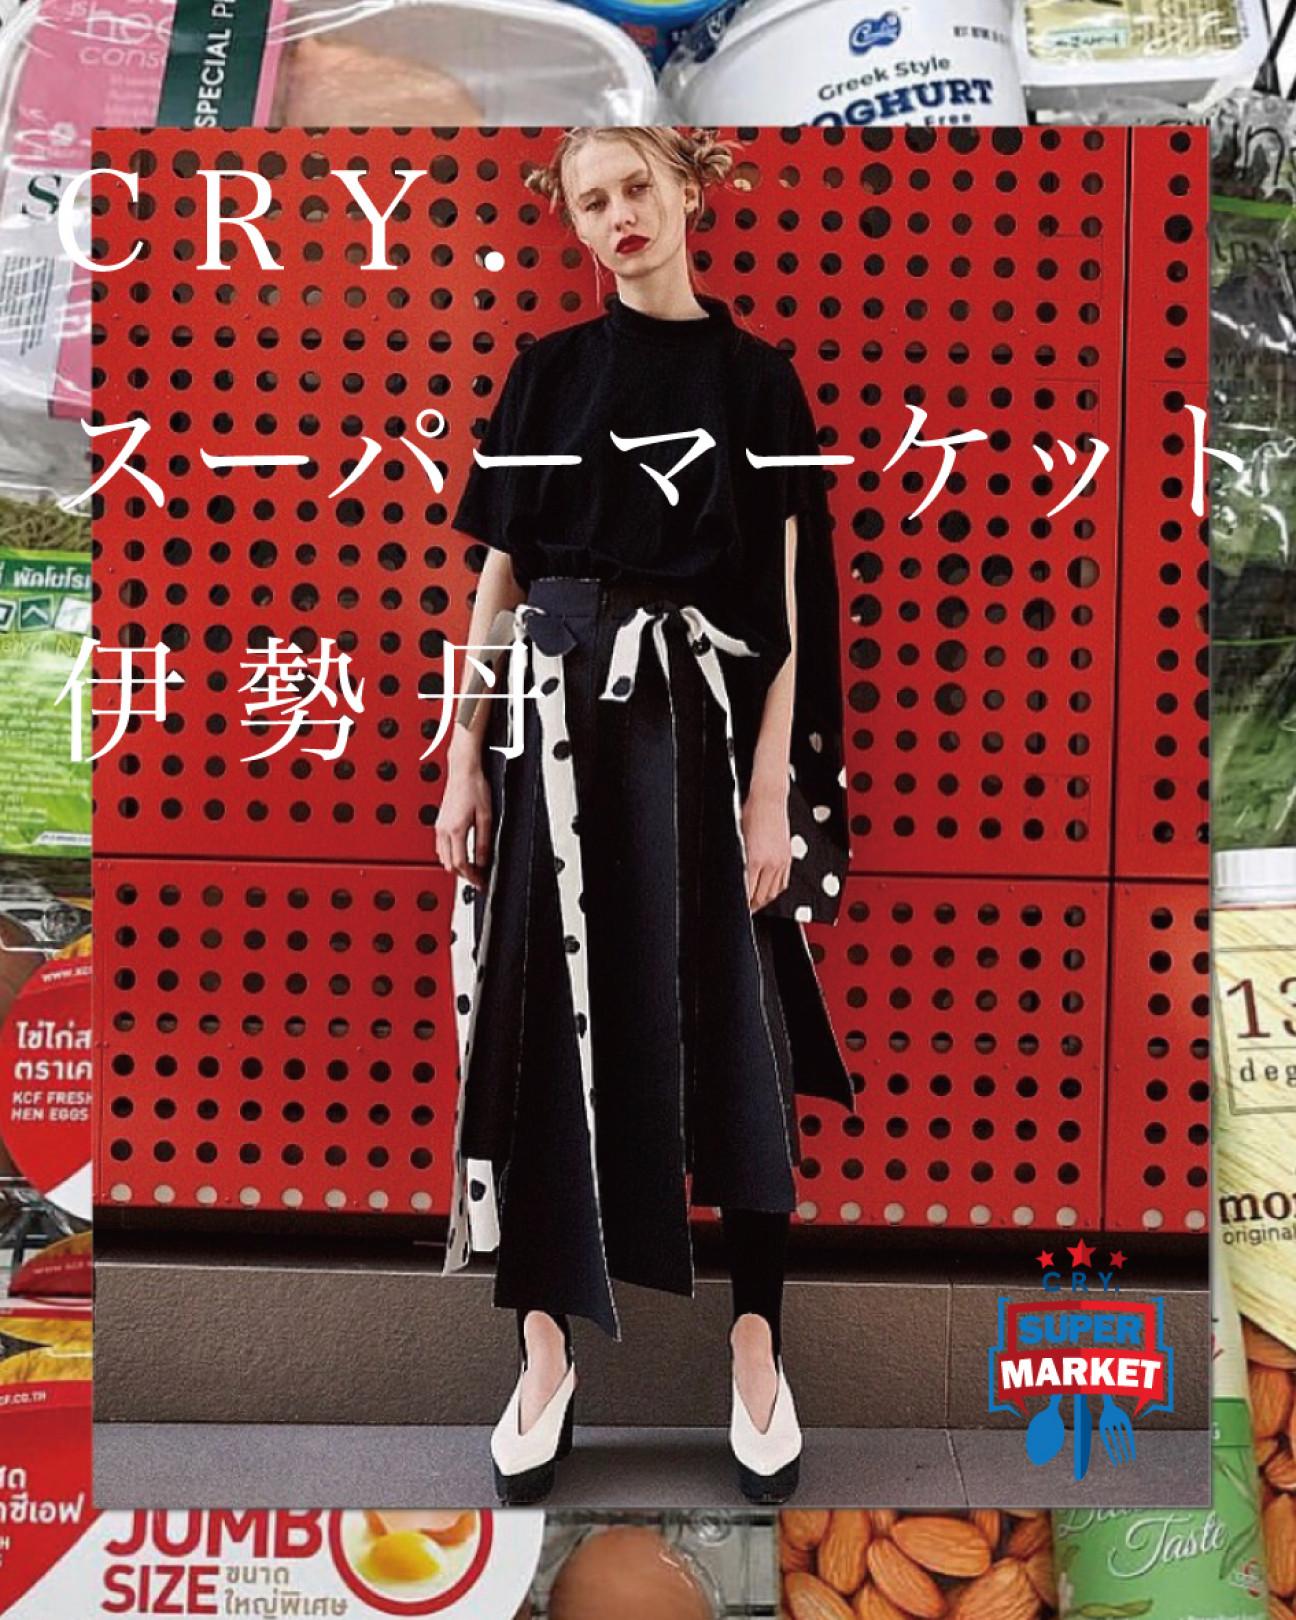 クライ.(CRY.)が伊勢丹新宿店にてポップアップイベントを開催